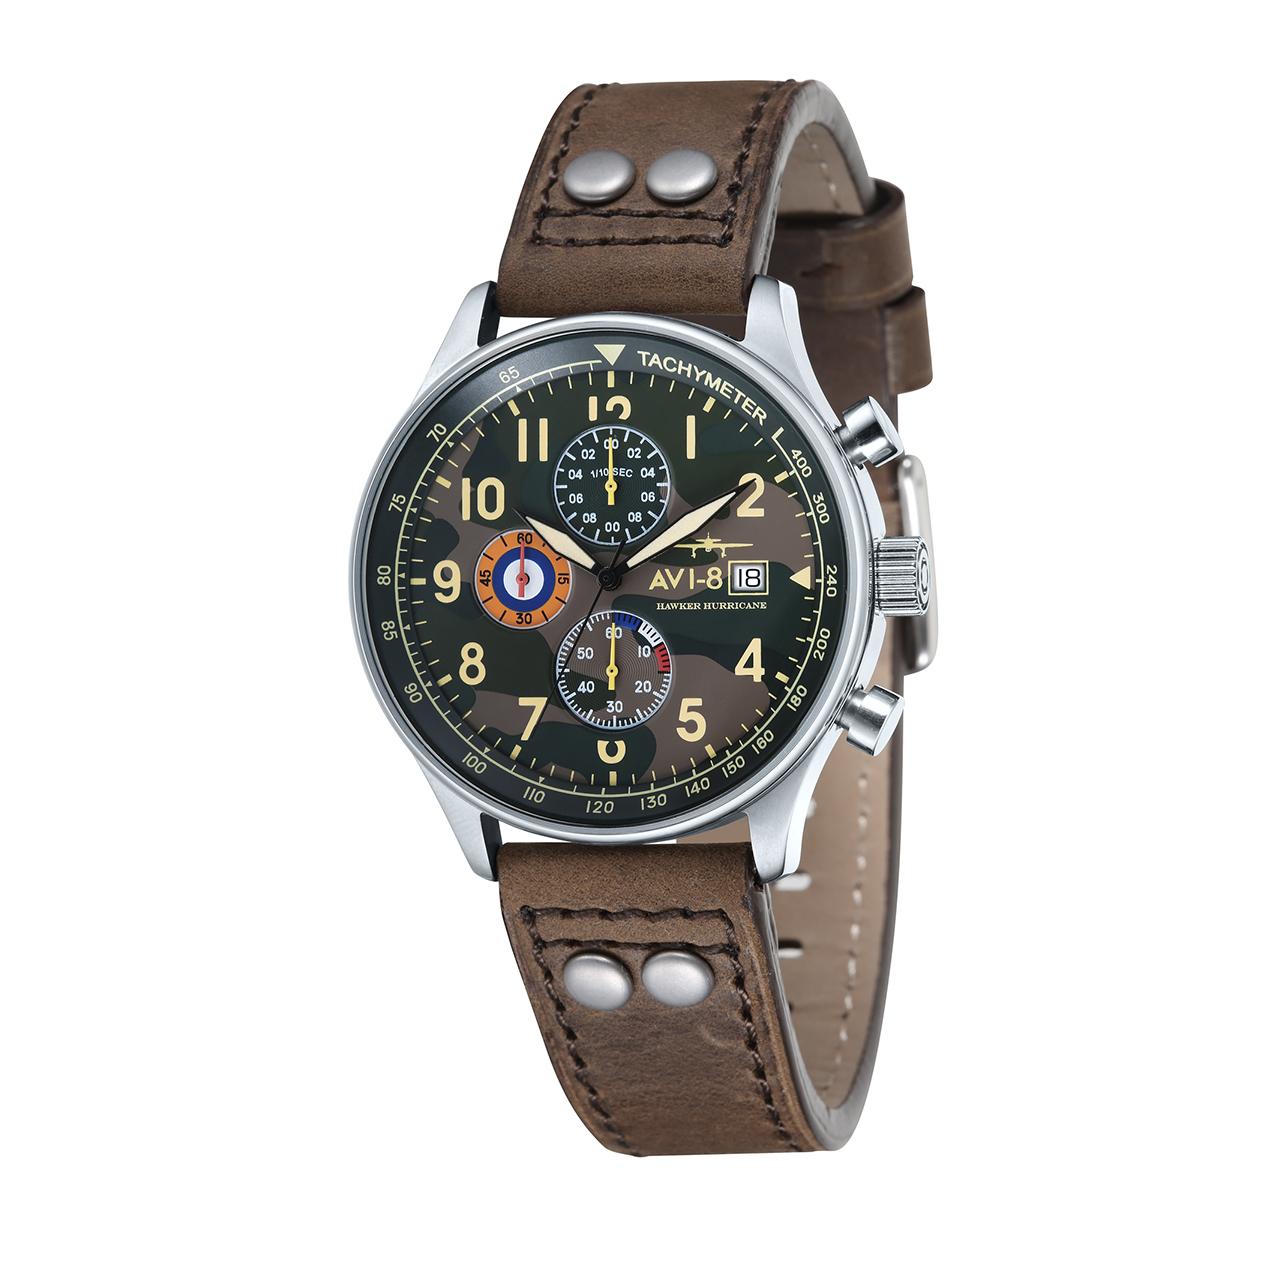 ساعت مچی عقربه ای مردانه ای وی-8 مدل AV-4011-09